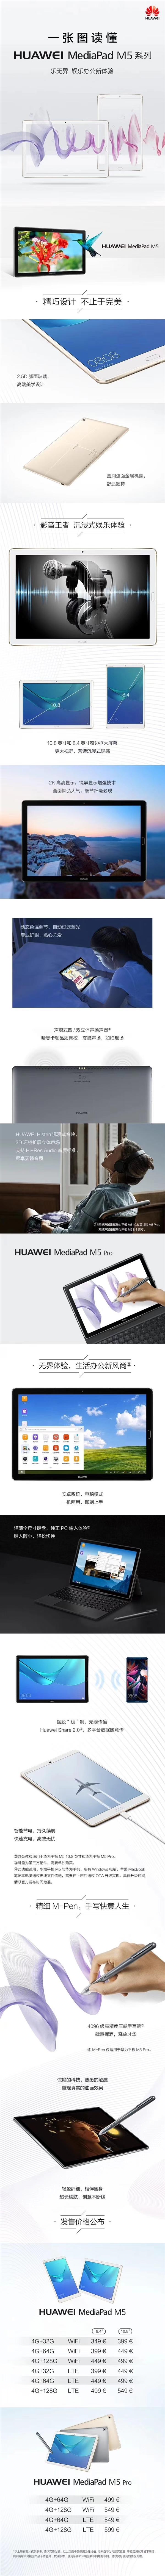 三款齐发!一图看懂华为MediaPad M5平板机